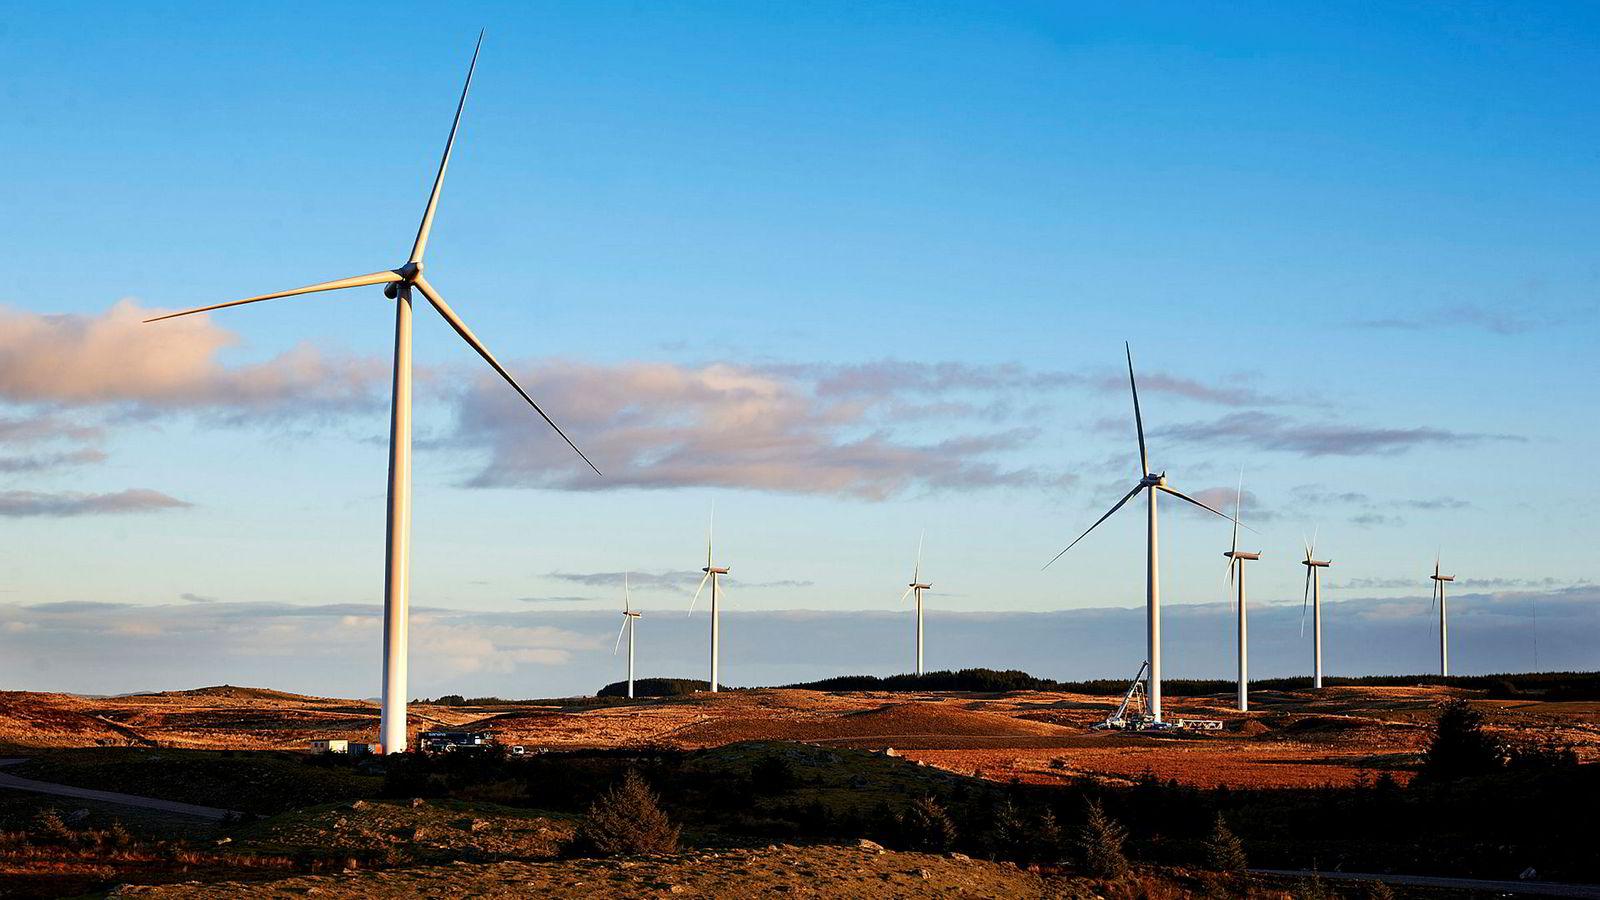 Den planlagte vindparken i Nordhordland kan bli Europas største vindkraftverk på land. Her fra vindmølleparken på Jæren i Rogaland.